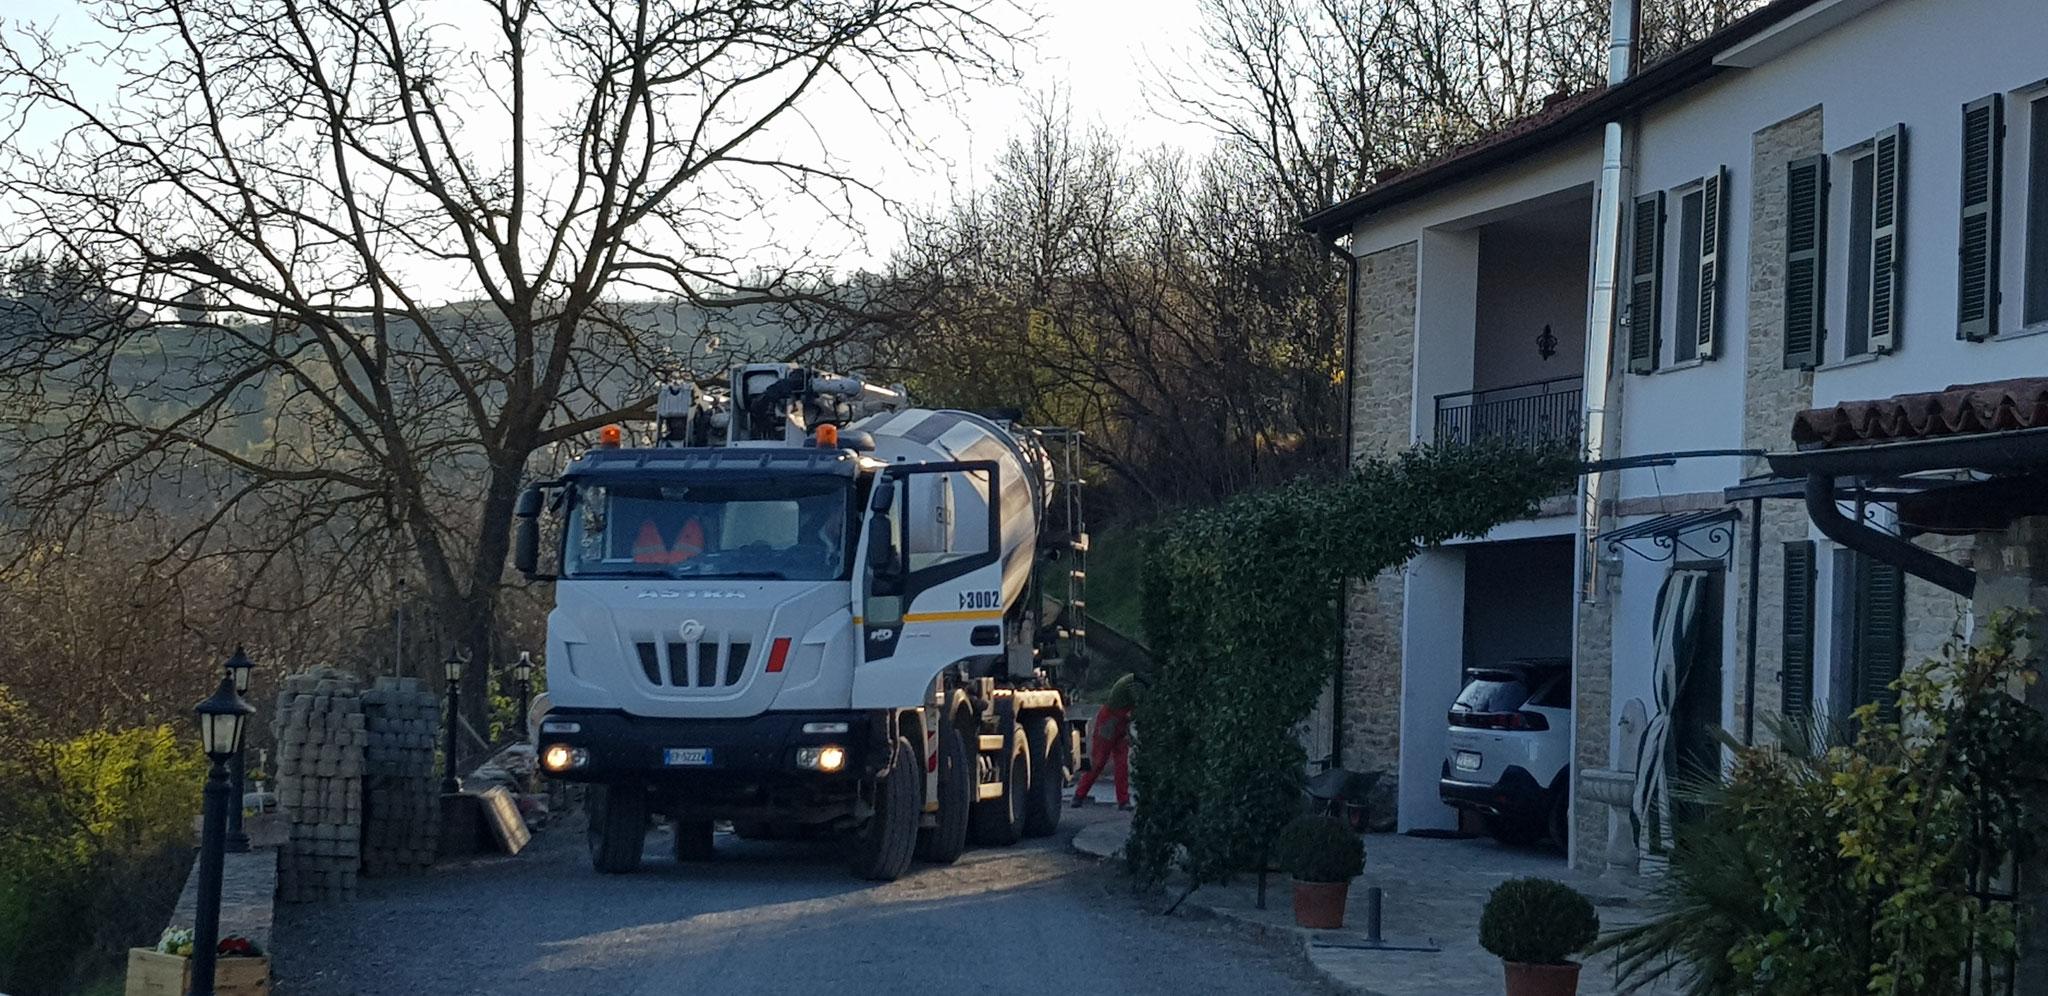 Und wieder ein grosser Lastwagen auf unserem Grundstück. Sie wissen einfach, wie das Manövrieren geht.